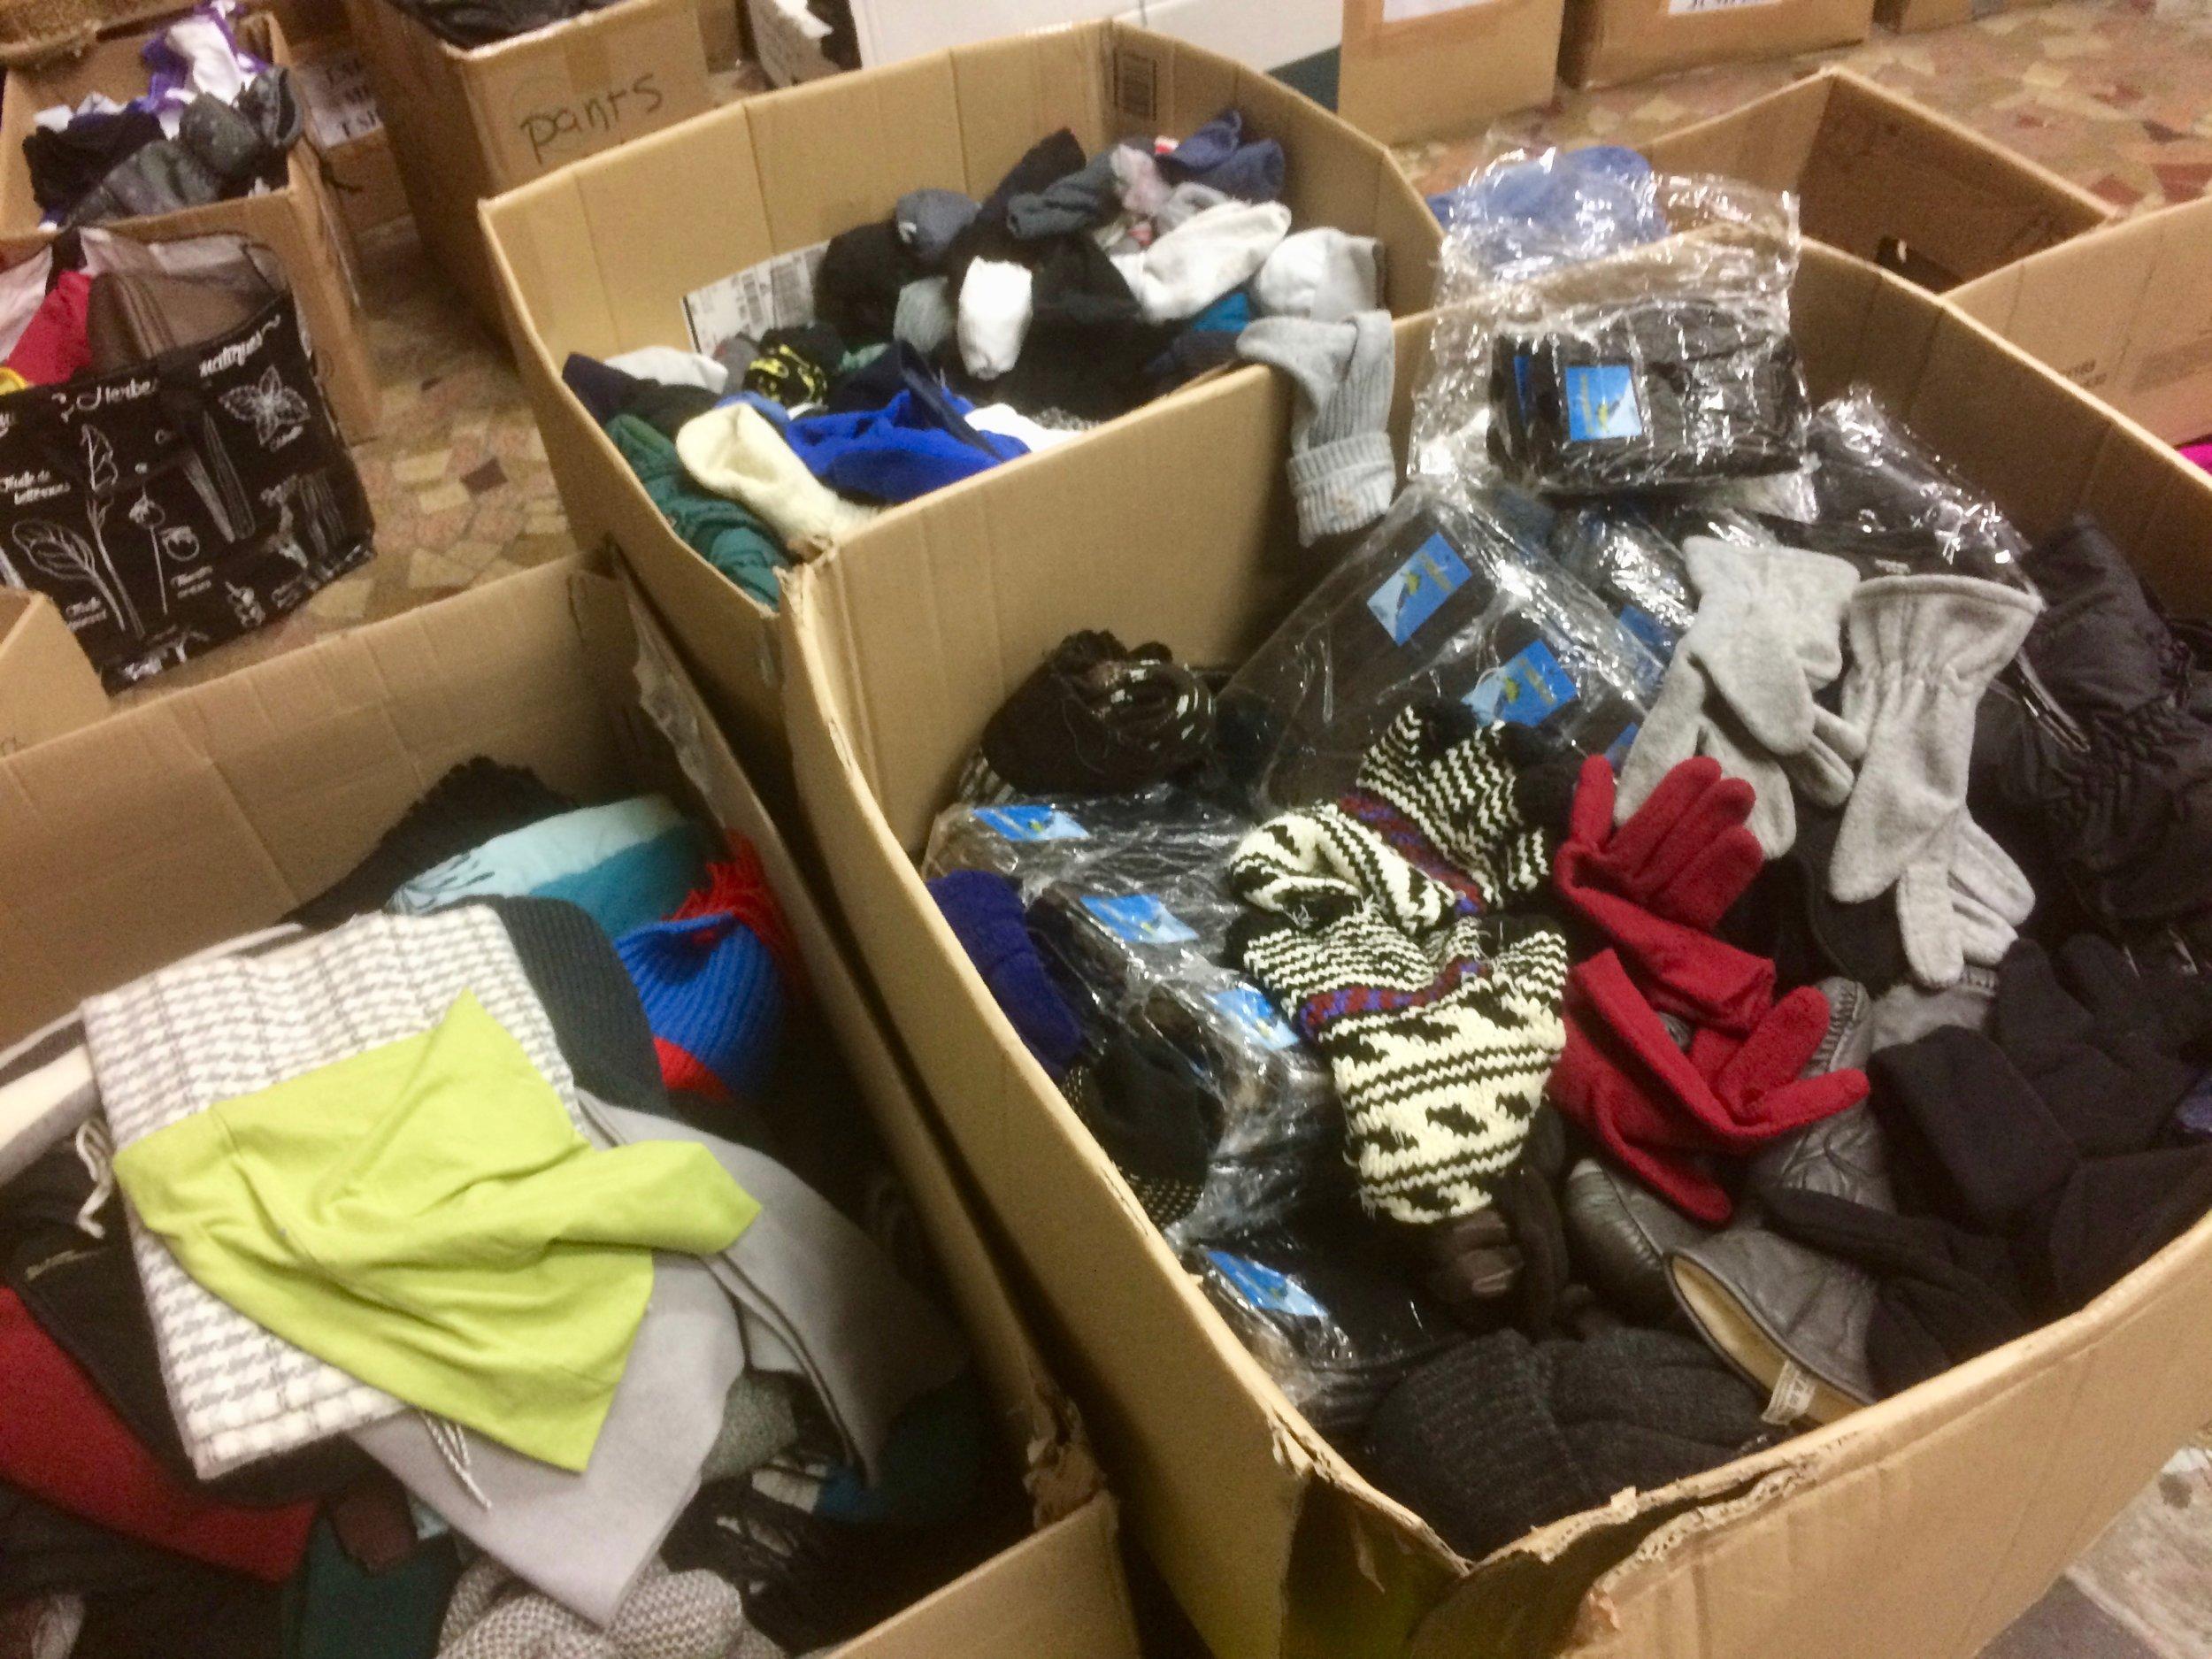 boxes_clothes_paris_December_2017.jpg